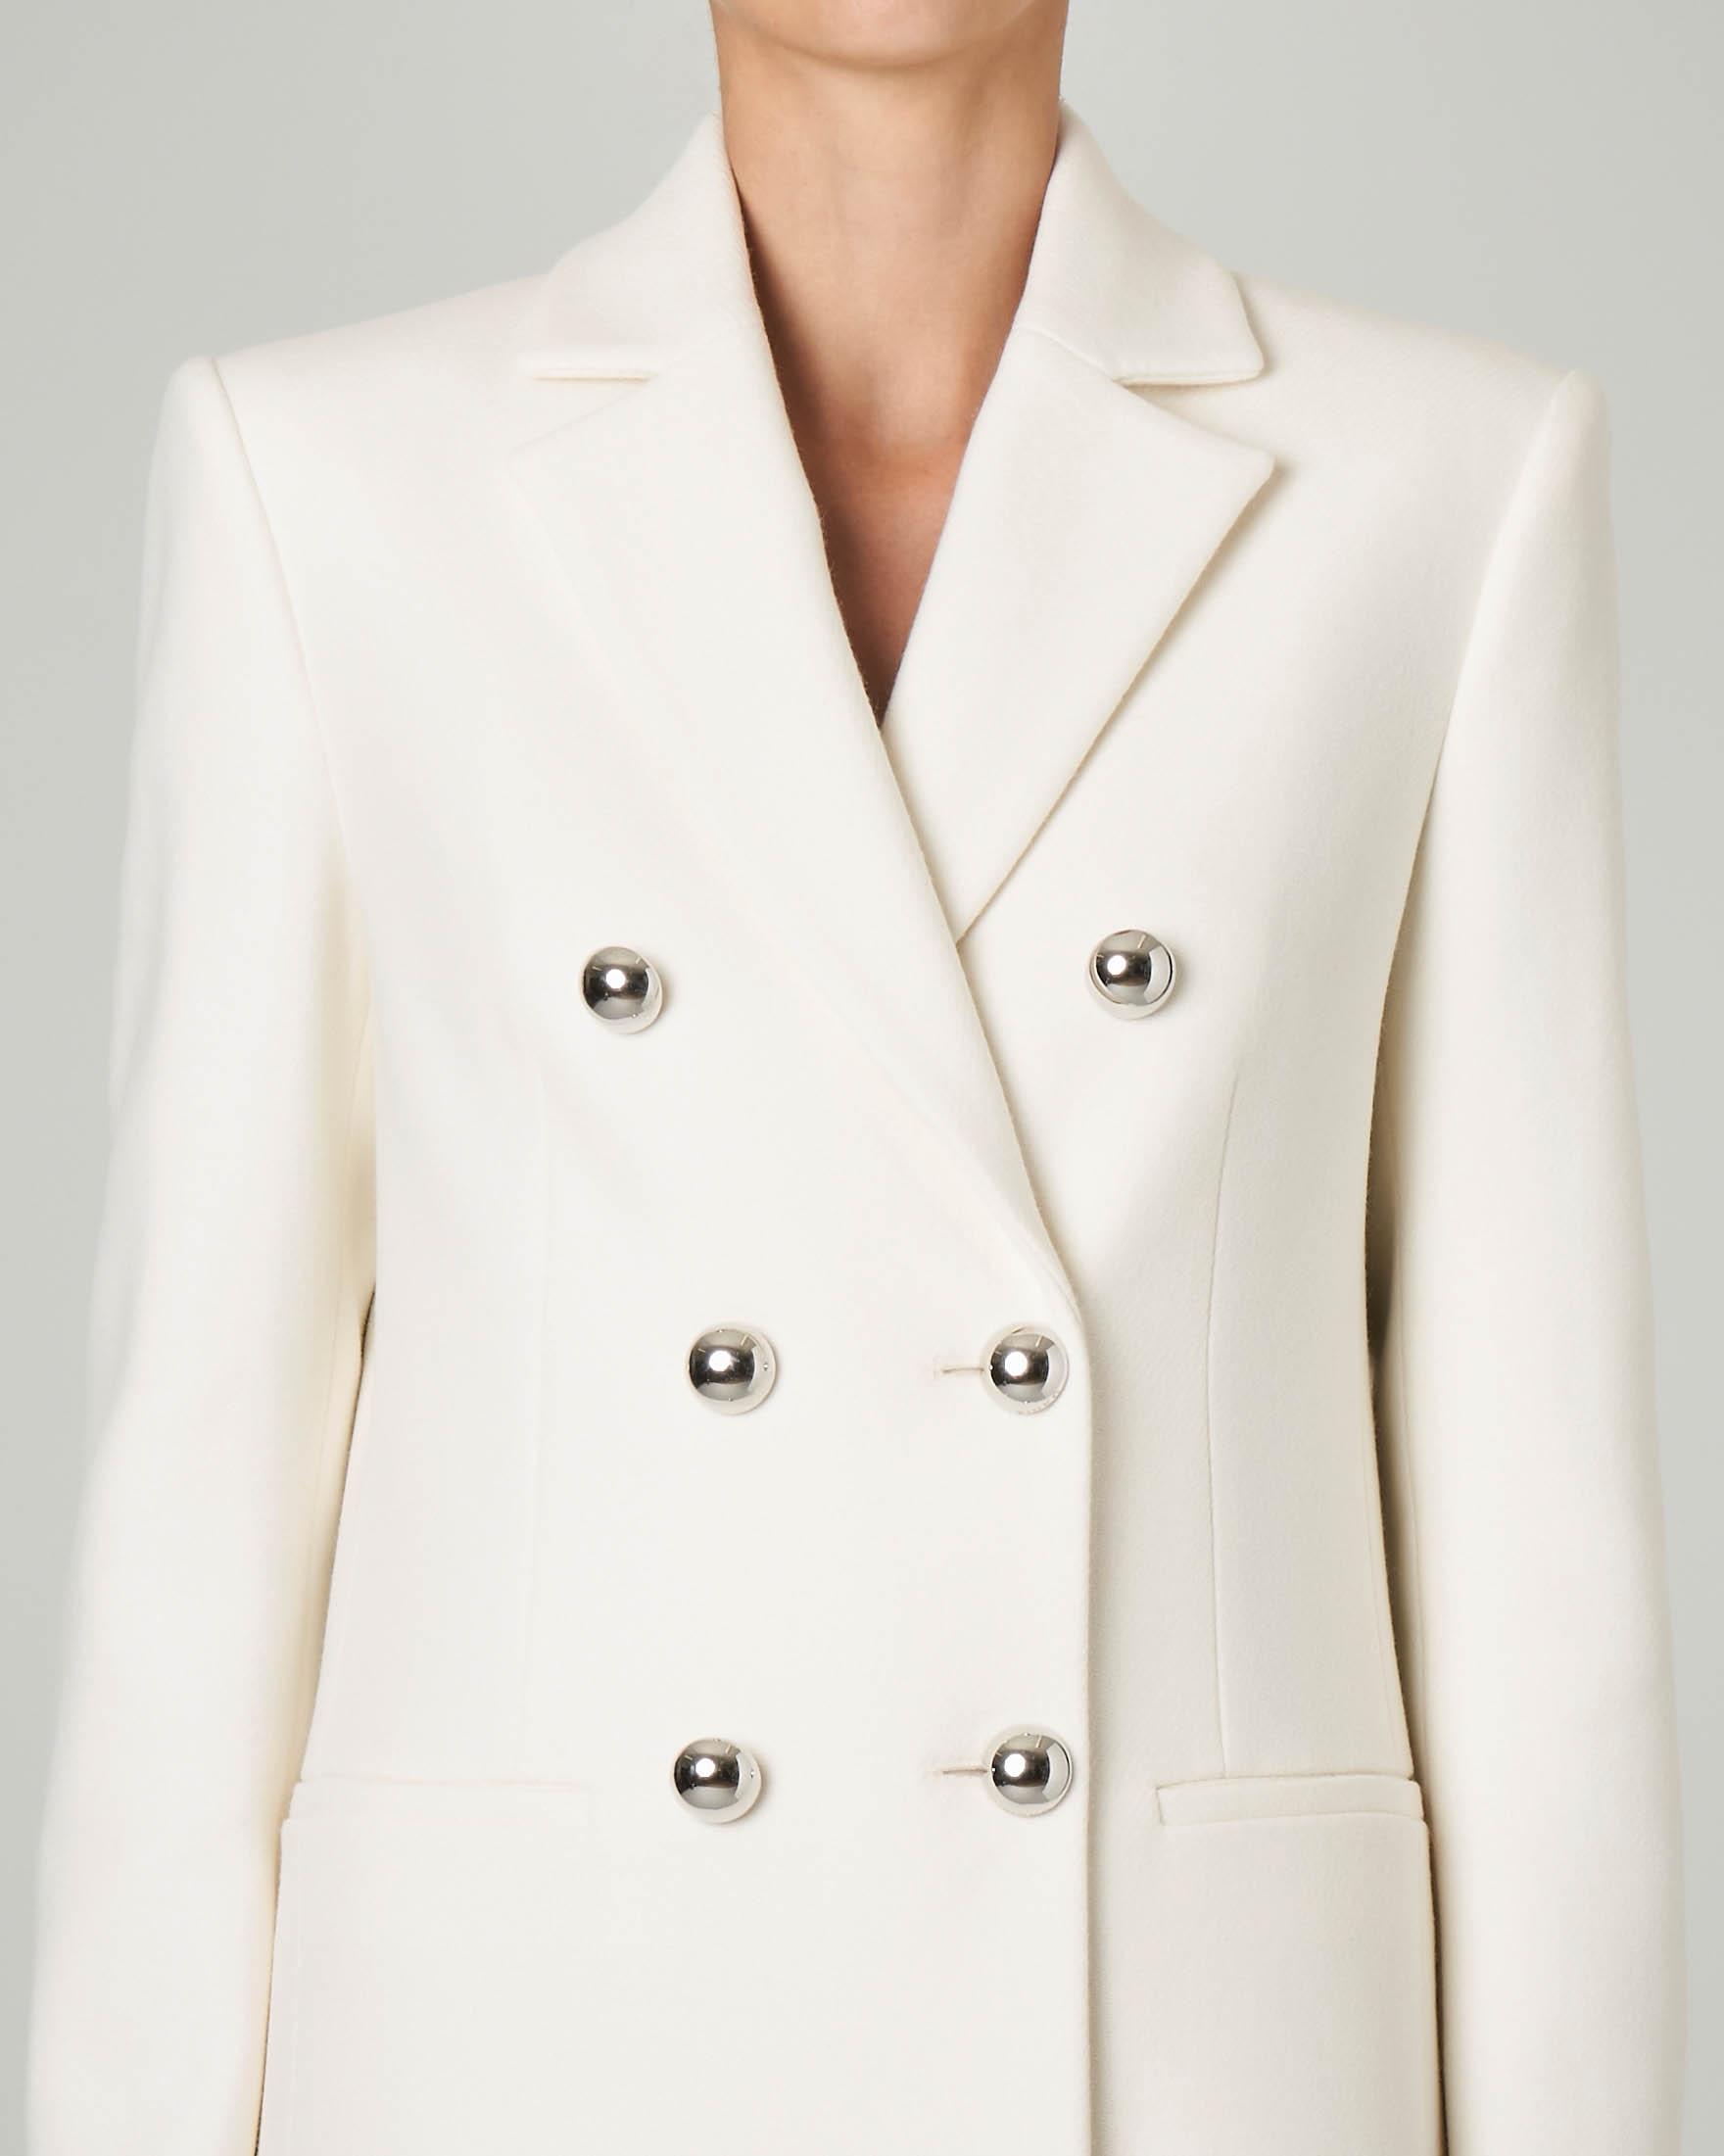 Cappotto bianco doppiopetto con bottoni a specchio | Pellizzari E commerce